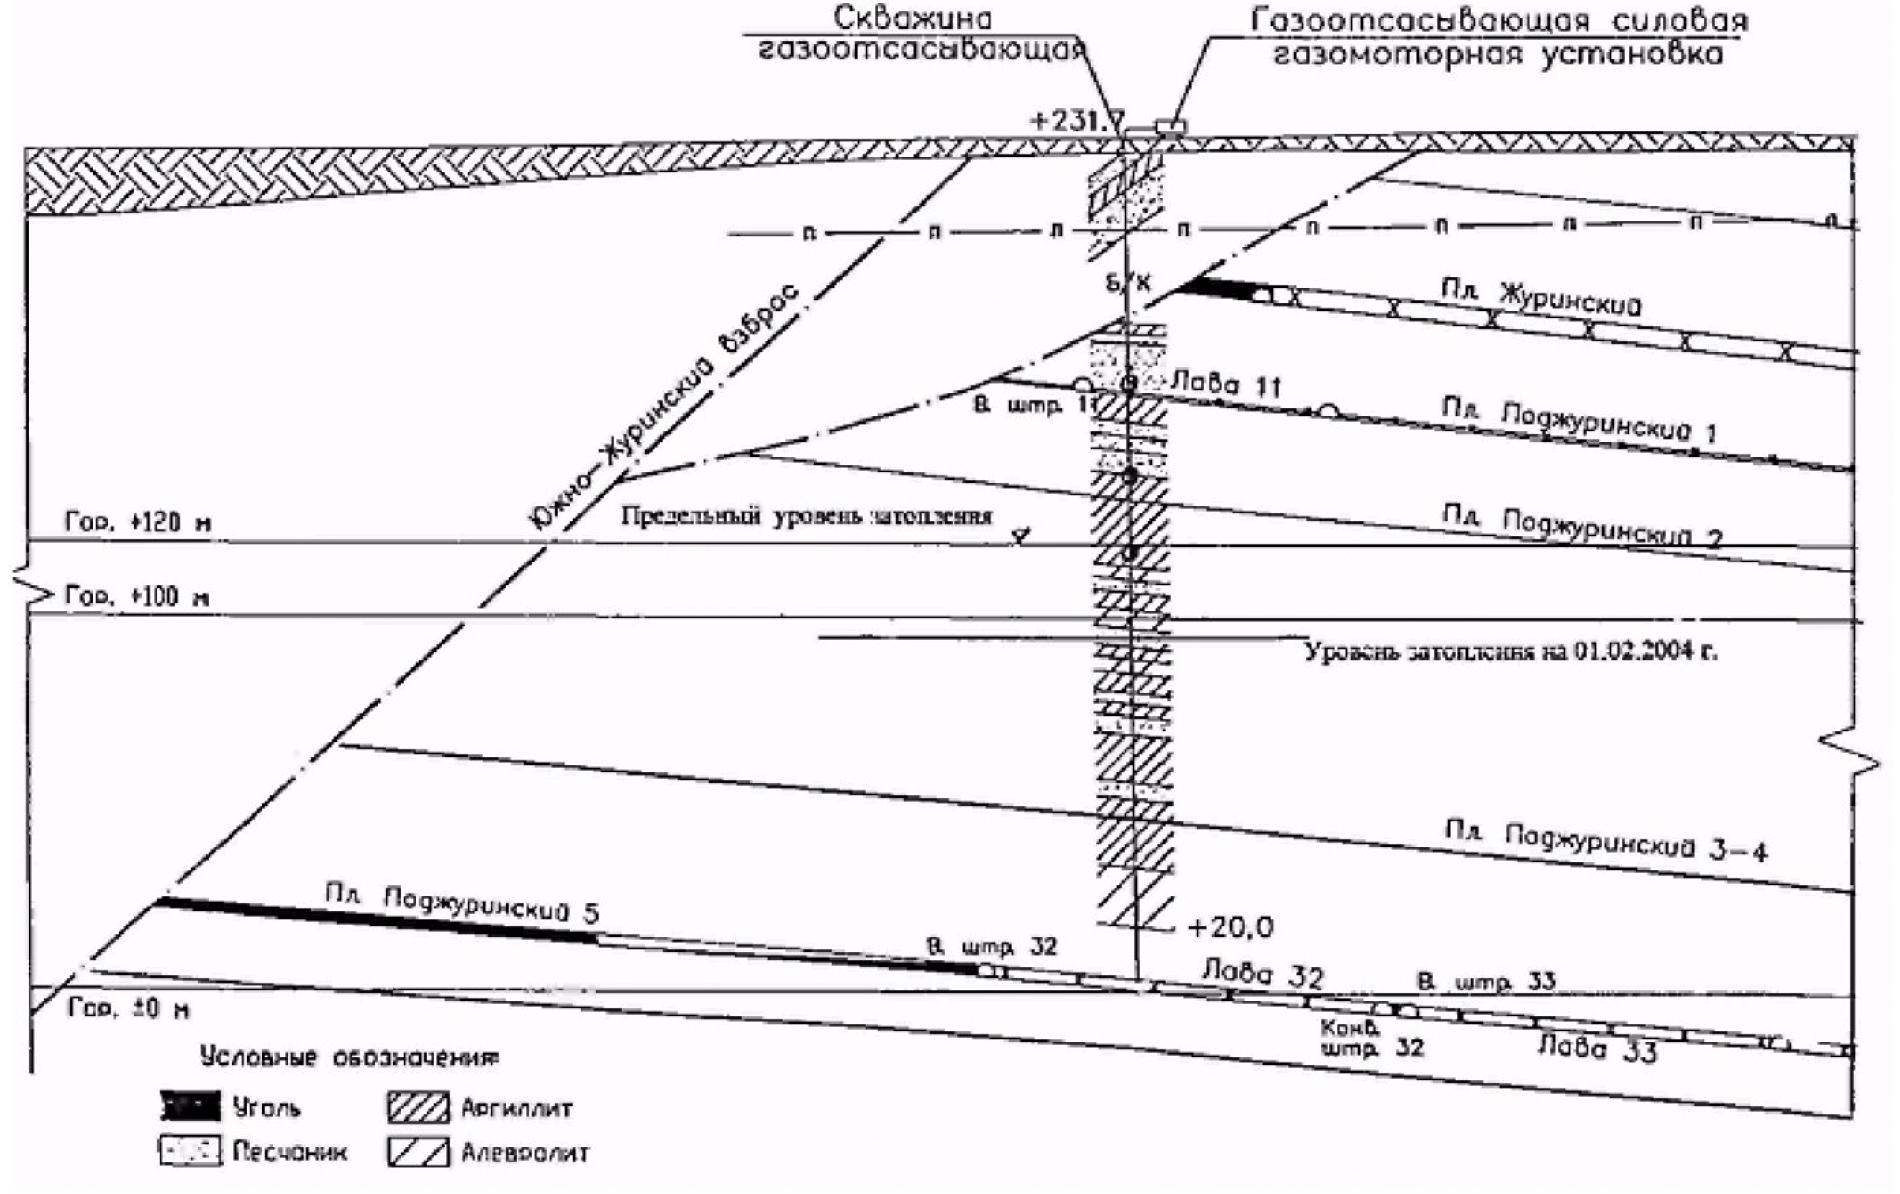 Газоотсасывающая и электрогенерирующая установка на закрытой шахте 1